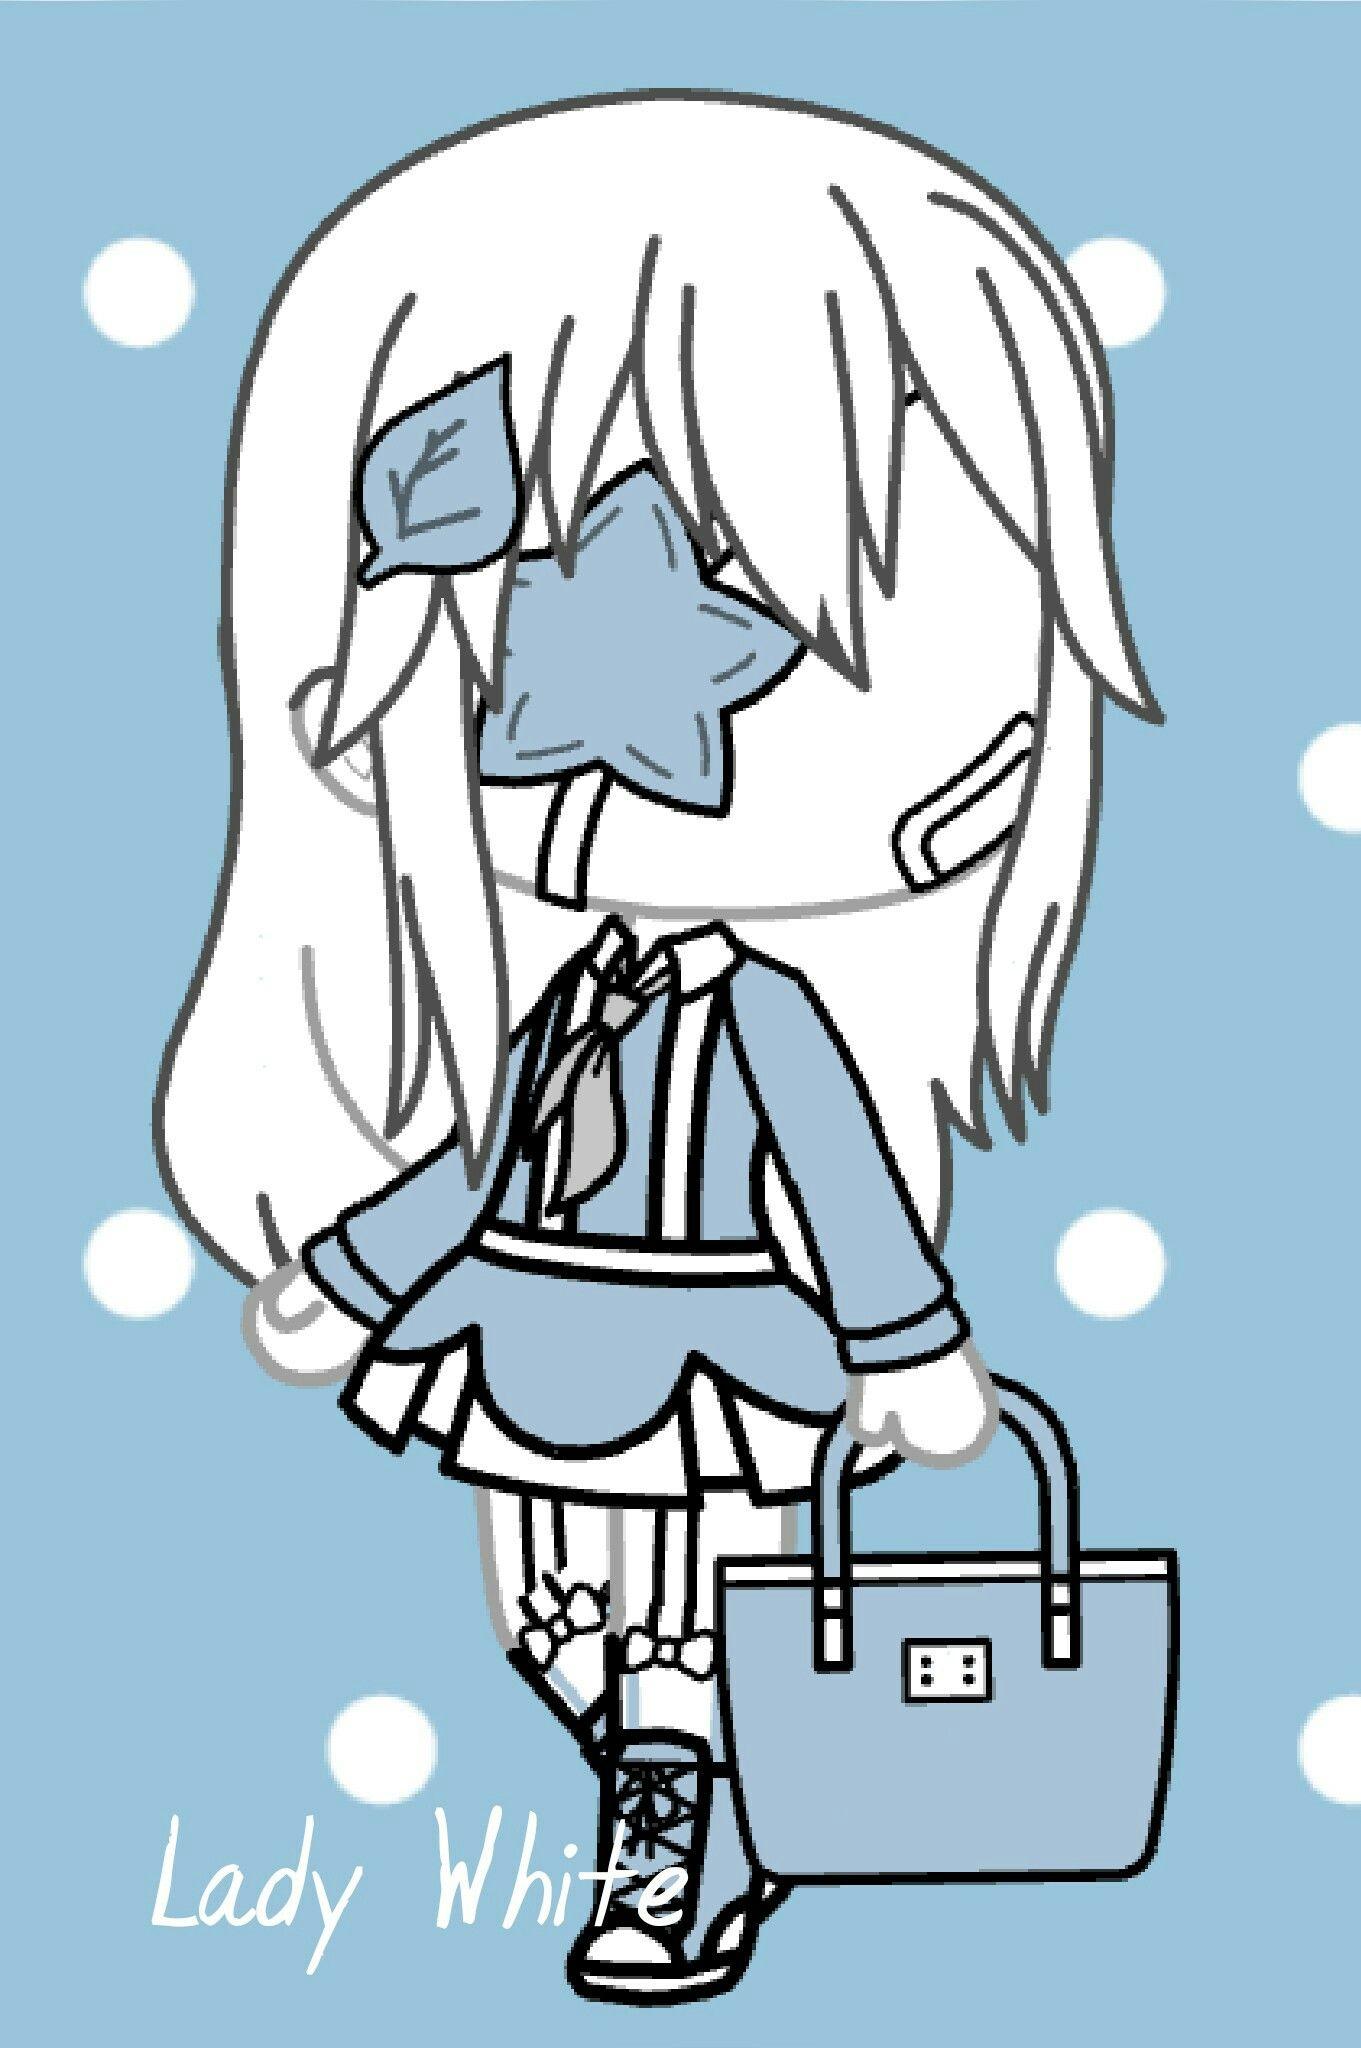 Épinglé par Gōsuto ゴースト sur Gacha life Dessin, Anime